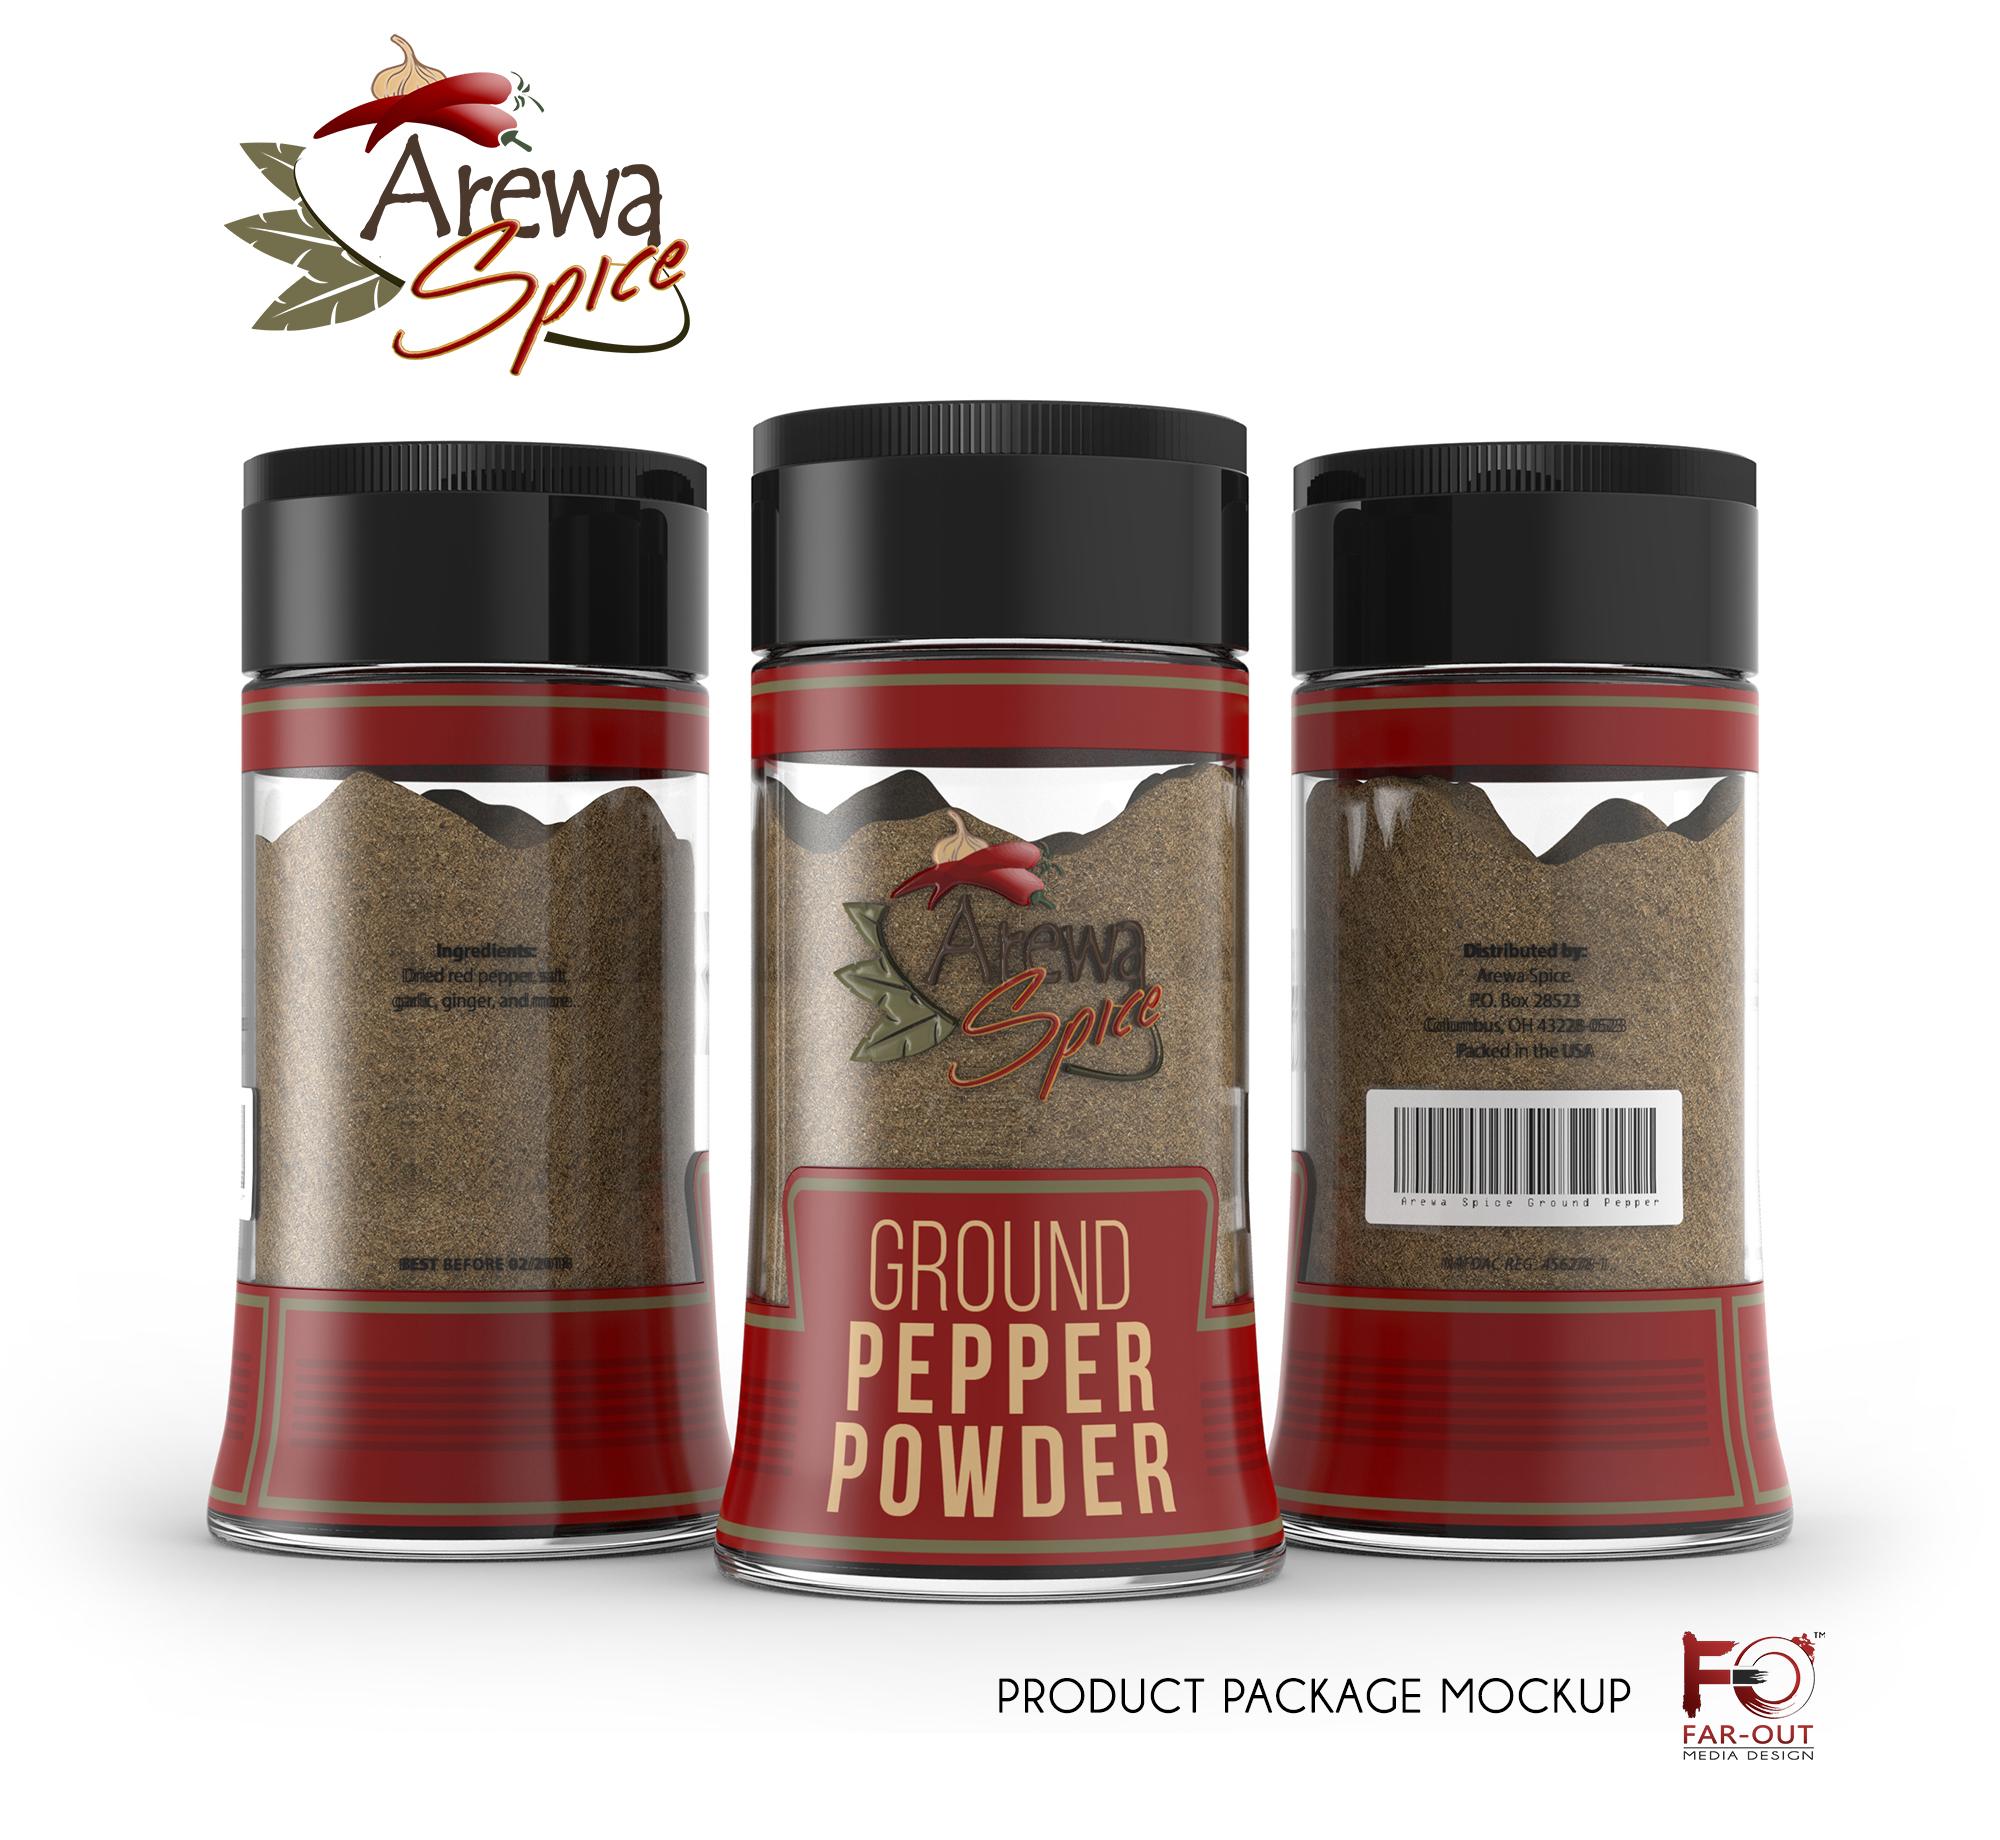 Arewa Spice